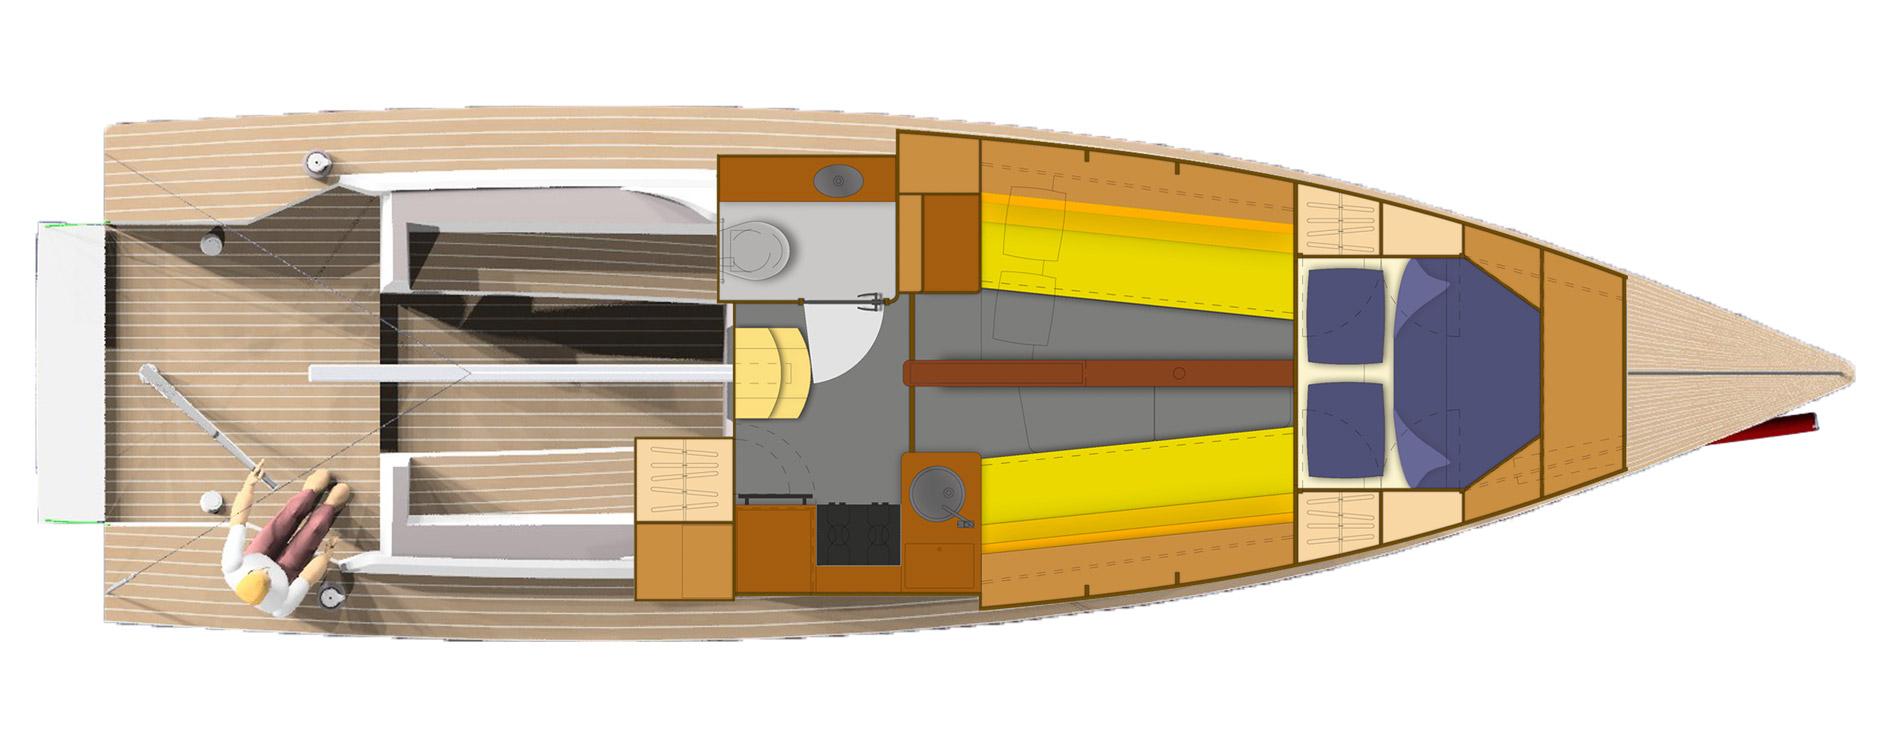 Paroa34-composite-Architecture-navale-Vincent-Lebailly-Int